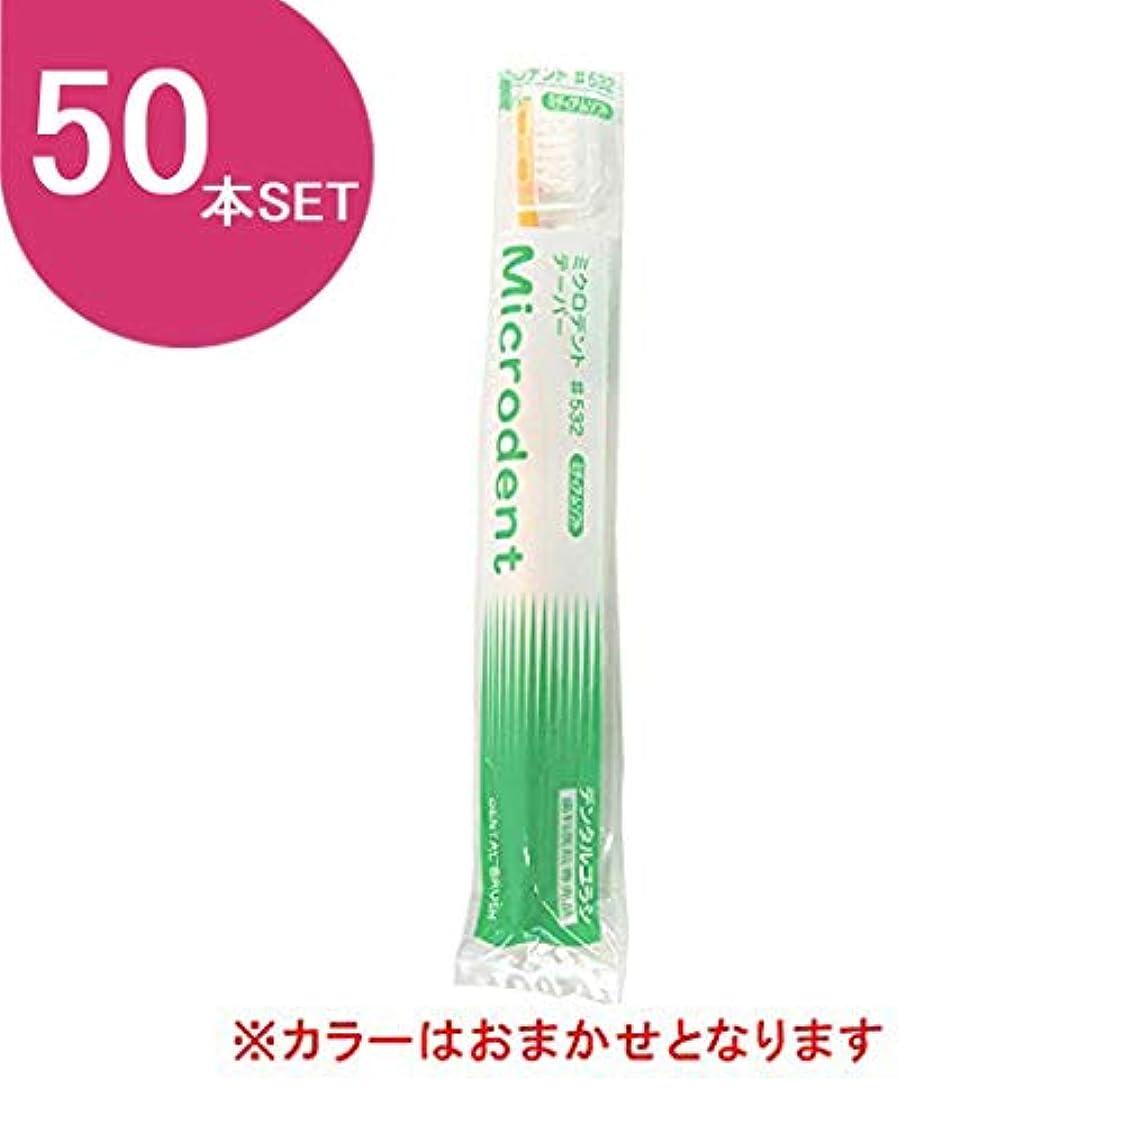 考えた商業の変成器白水貿易 ミクロデント (Microdent) 50本 #532 (ミディアム)